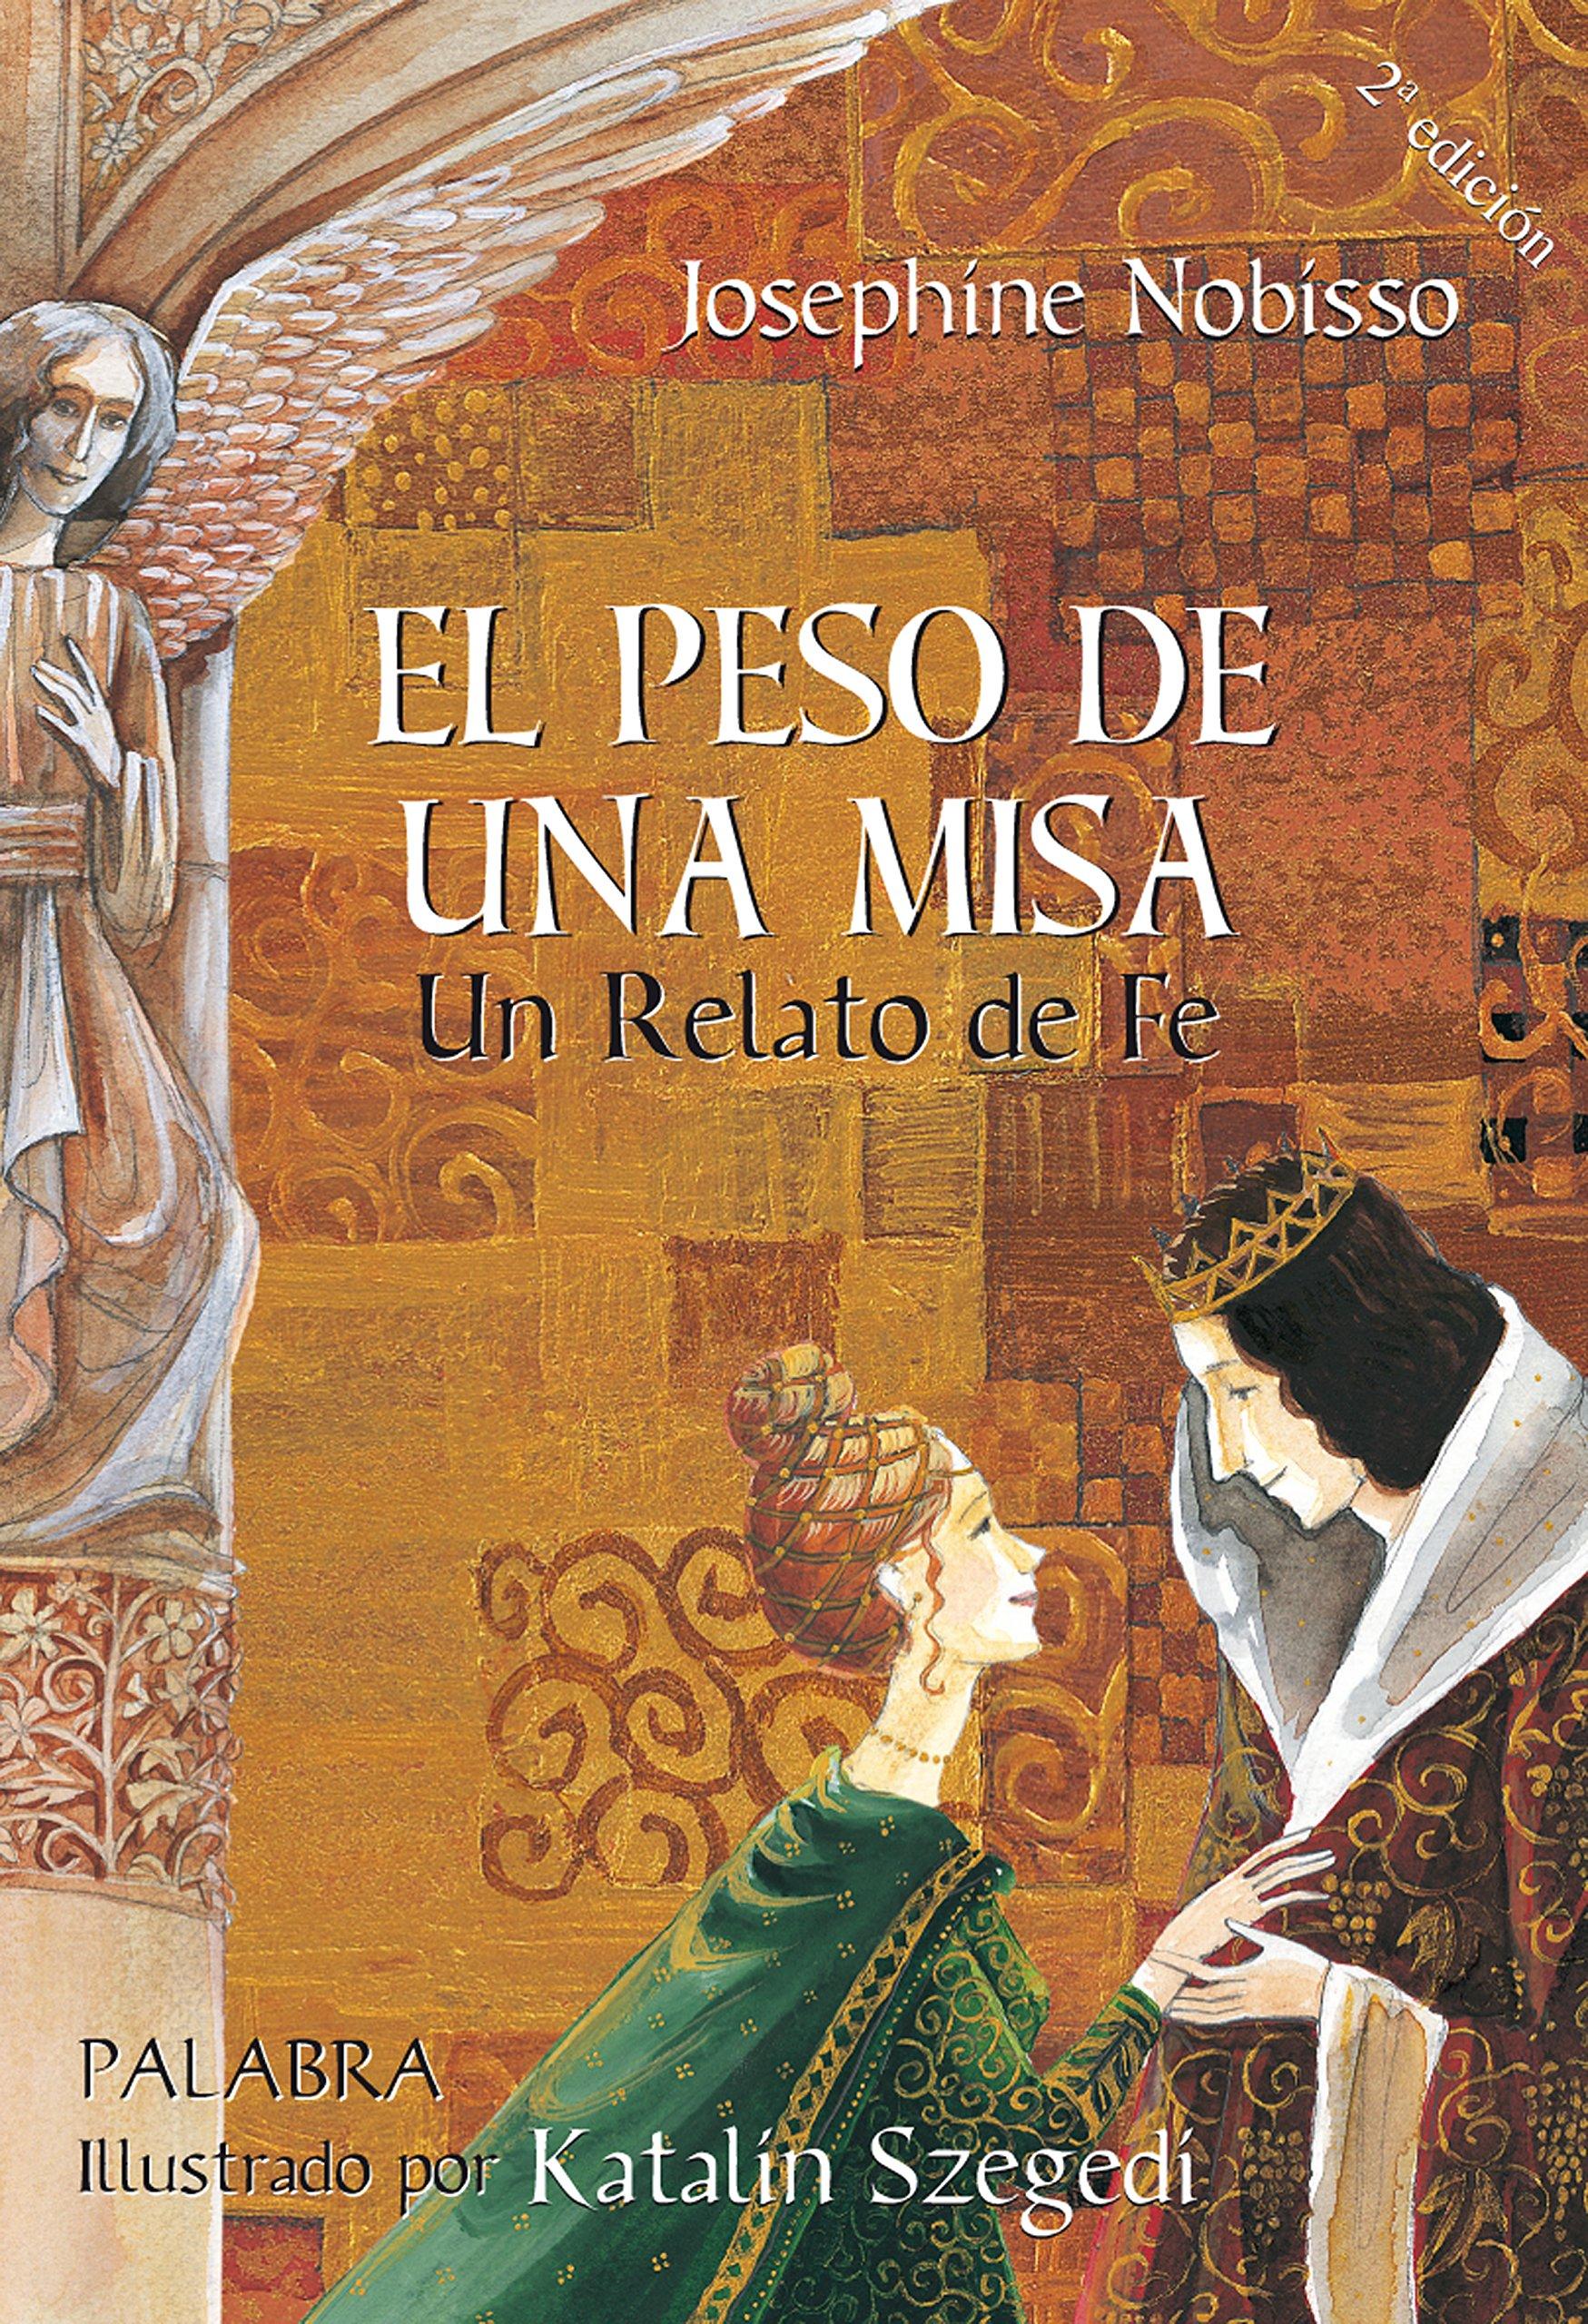 El peso de una misa : un relato de fe (Libros ilustrados)